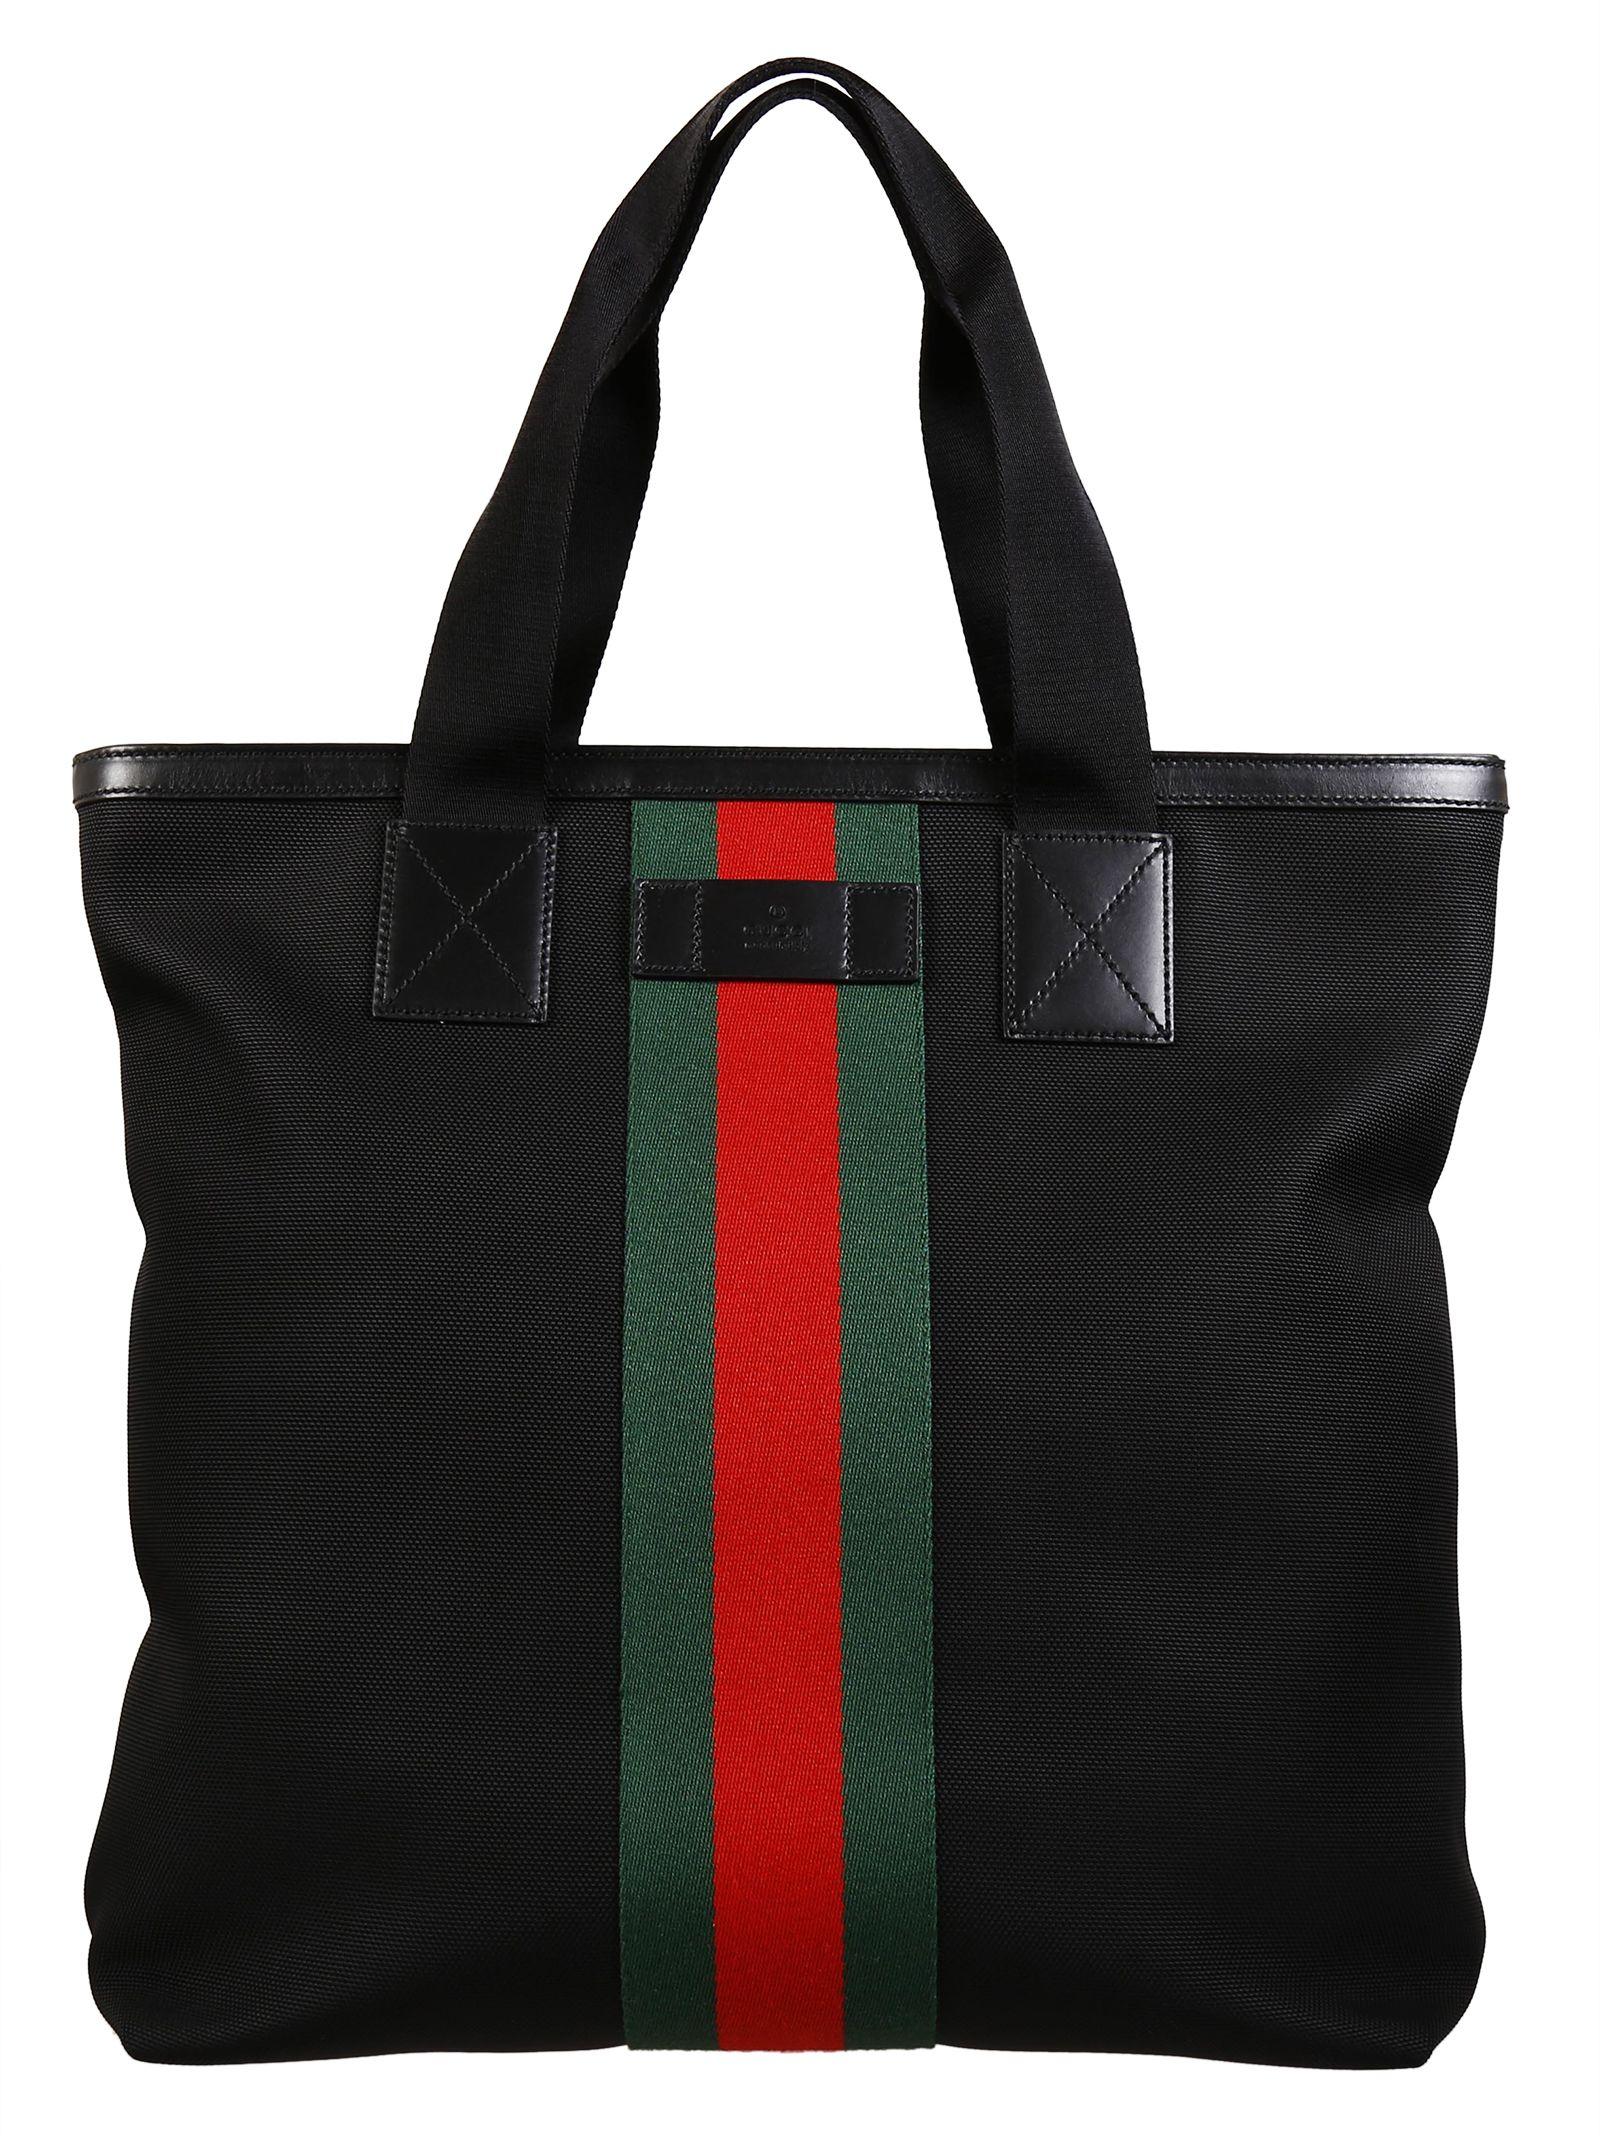 c973d6f5d8d1 Gucci Gucci Web Band Canvas Tote Bag - Black - 373855